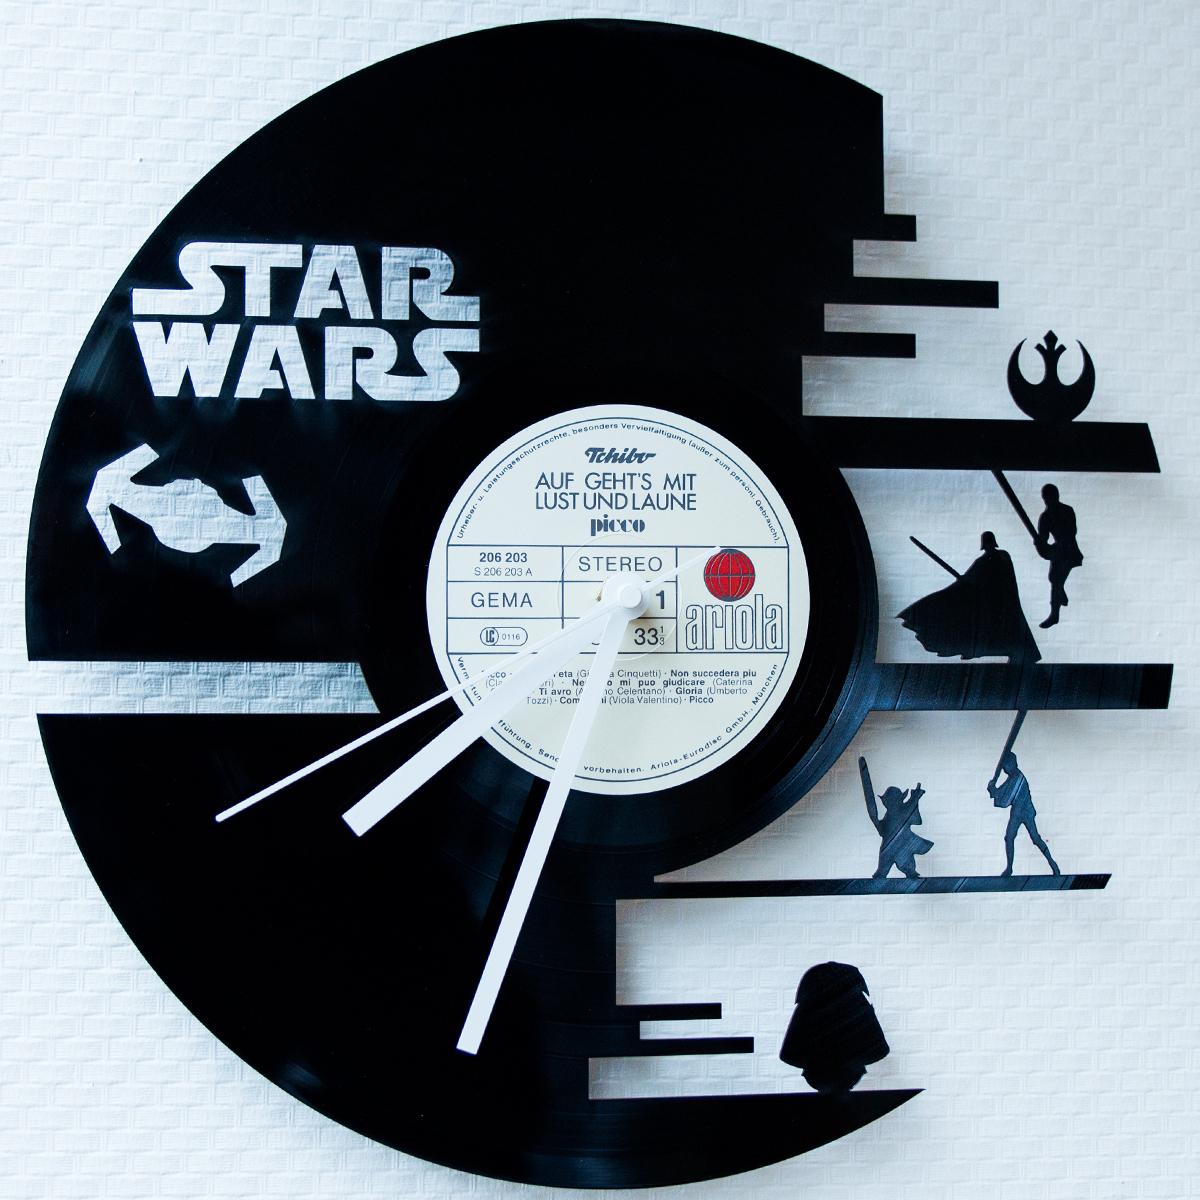 Gravurzeile] Schallplattenuhren | 15€ Gutschein | Uhr | Vinyl ...